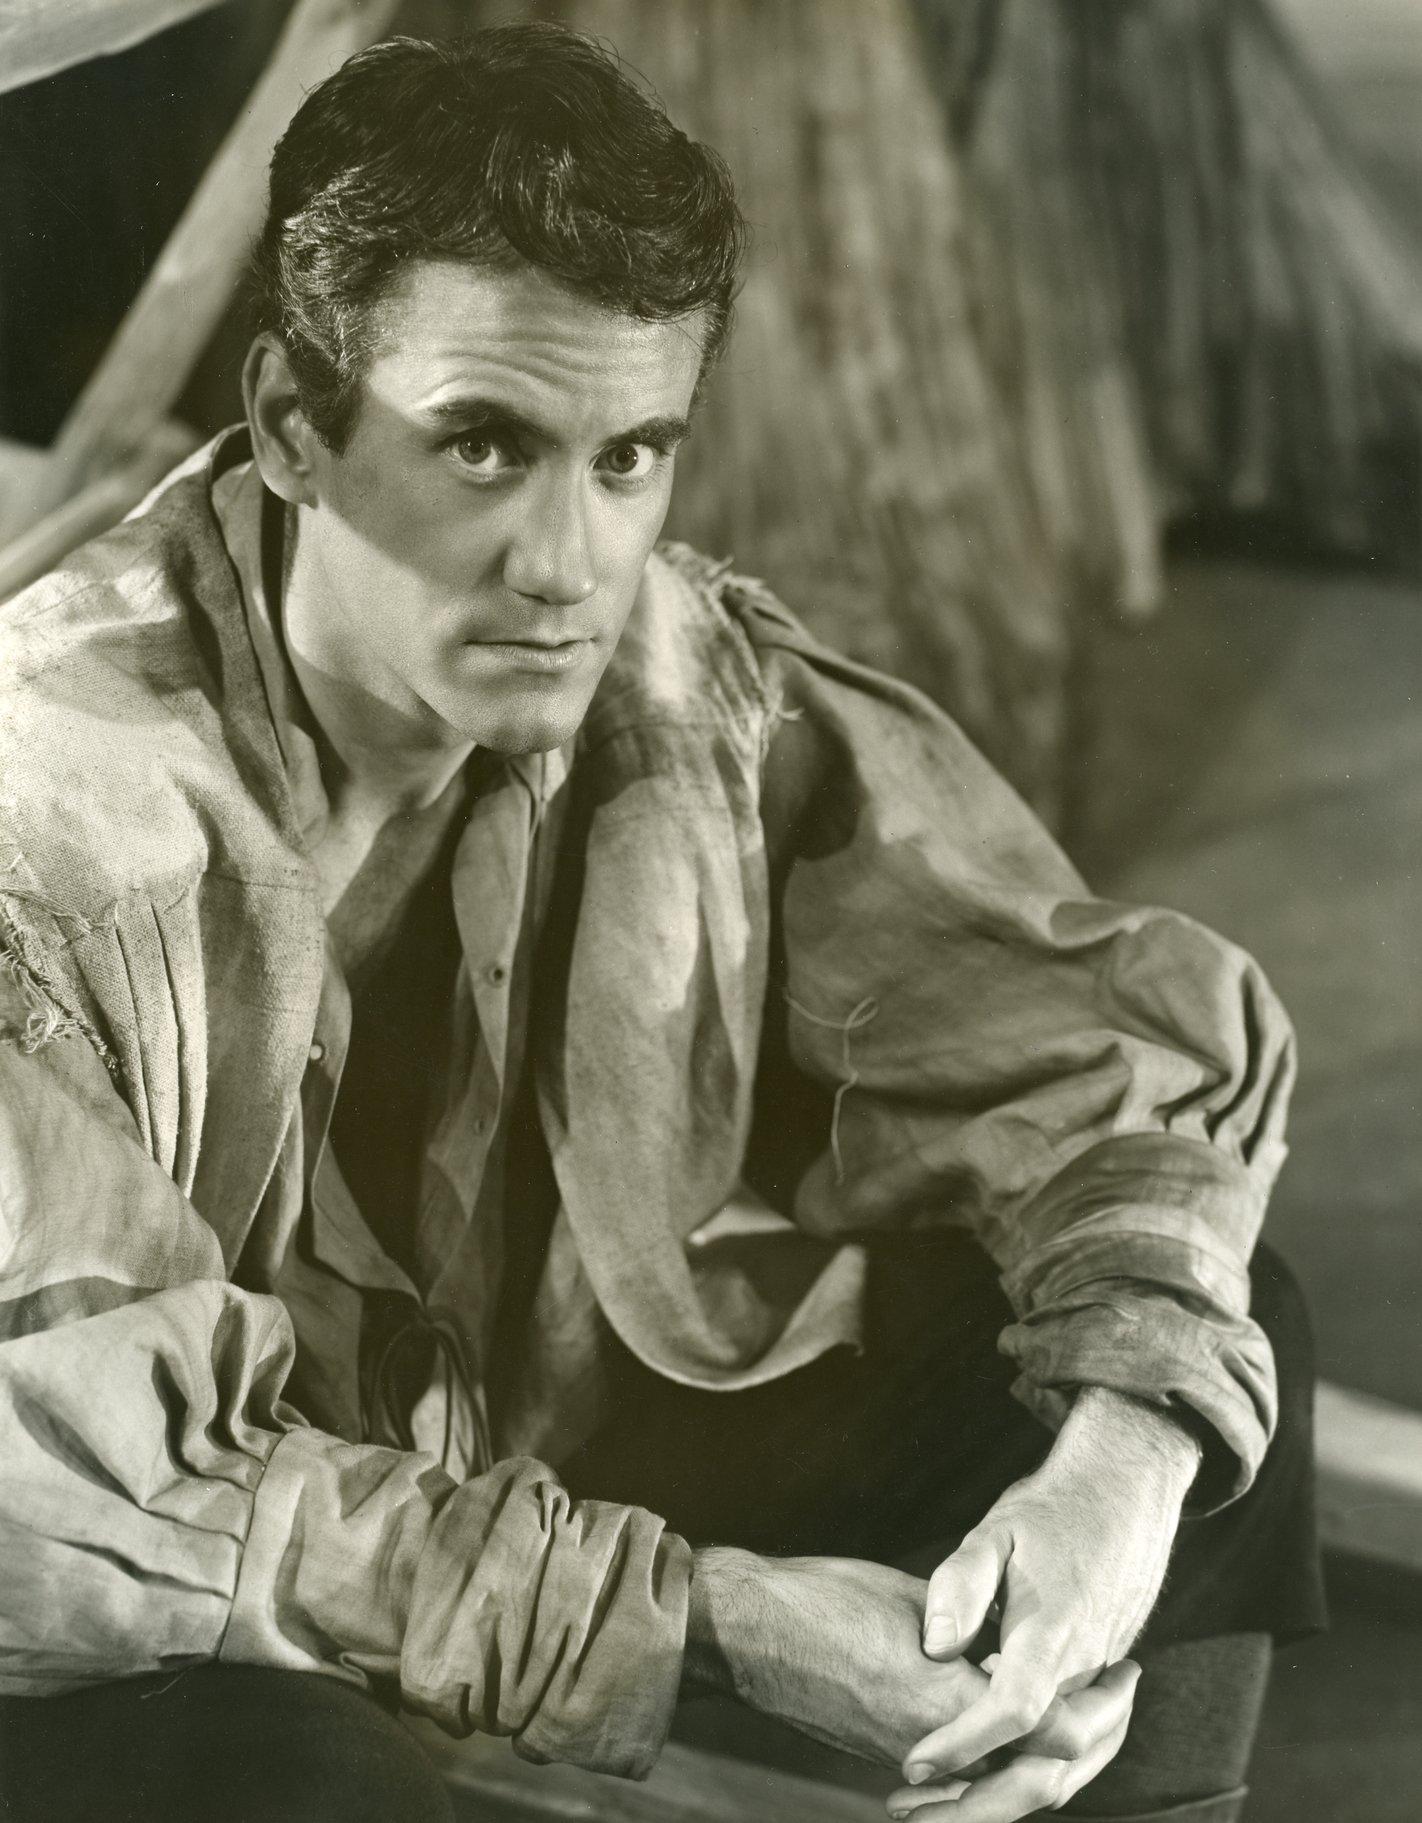 A man in a puffy shirt.